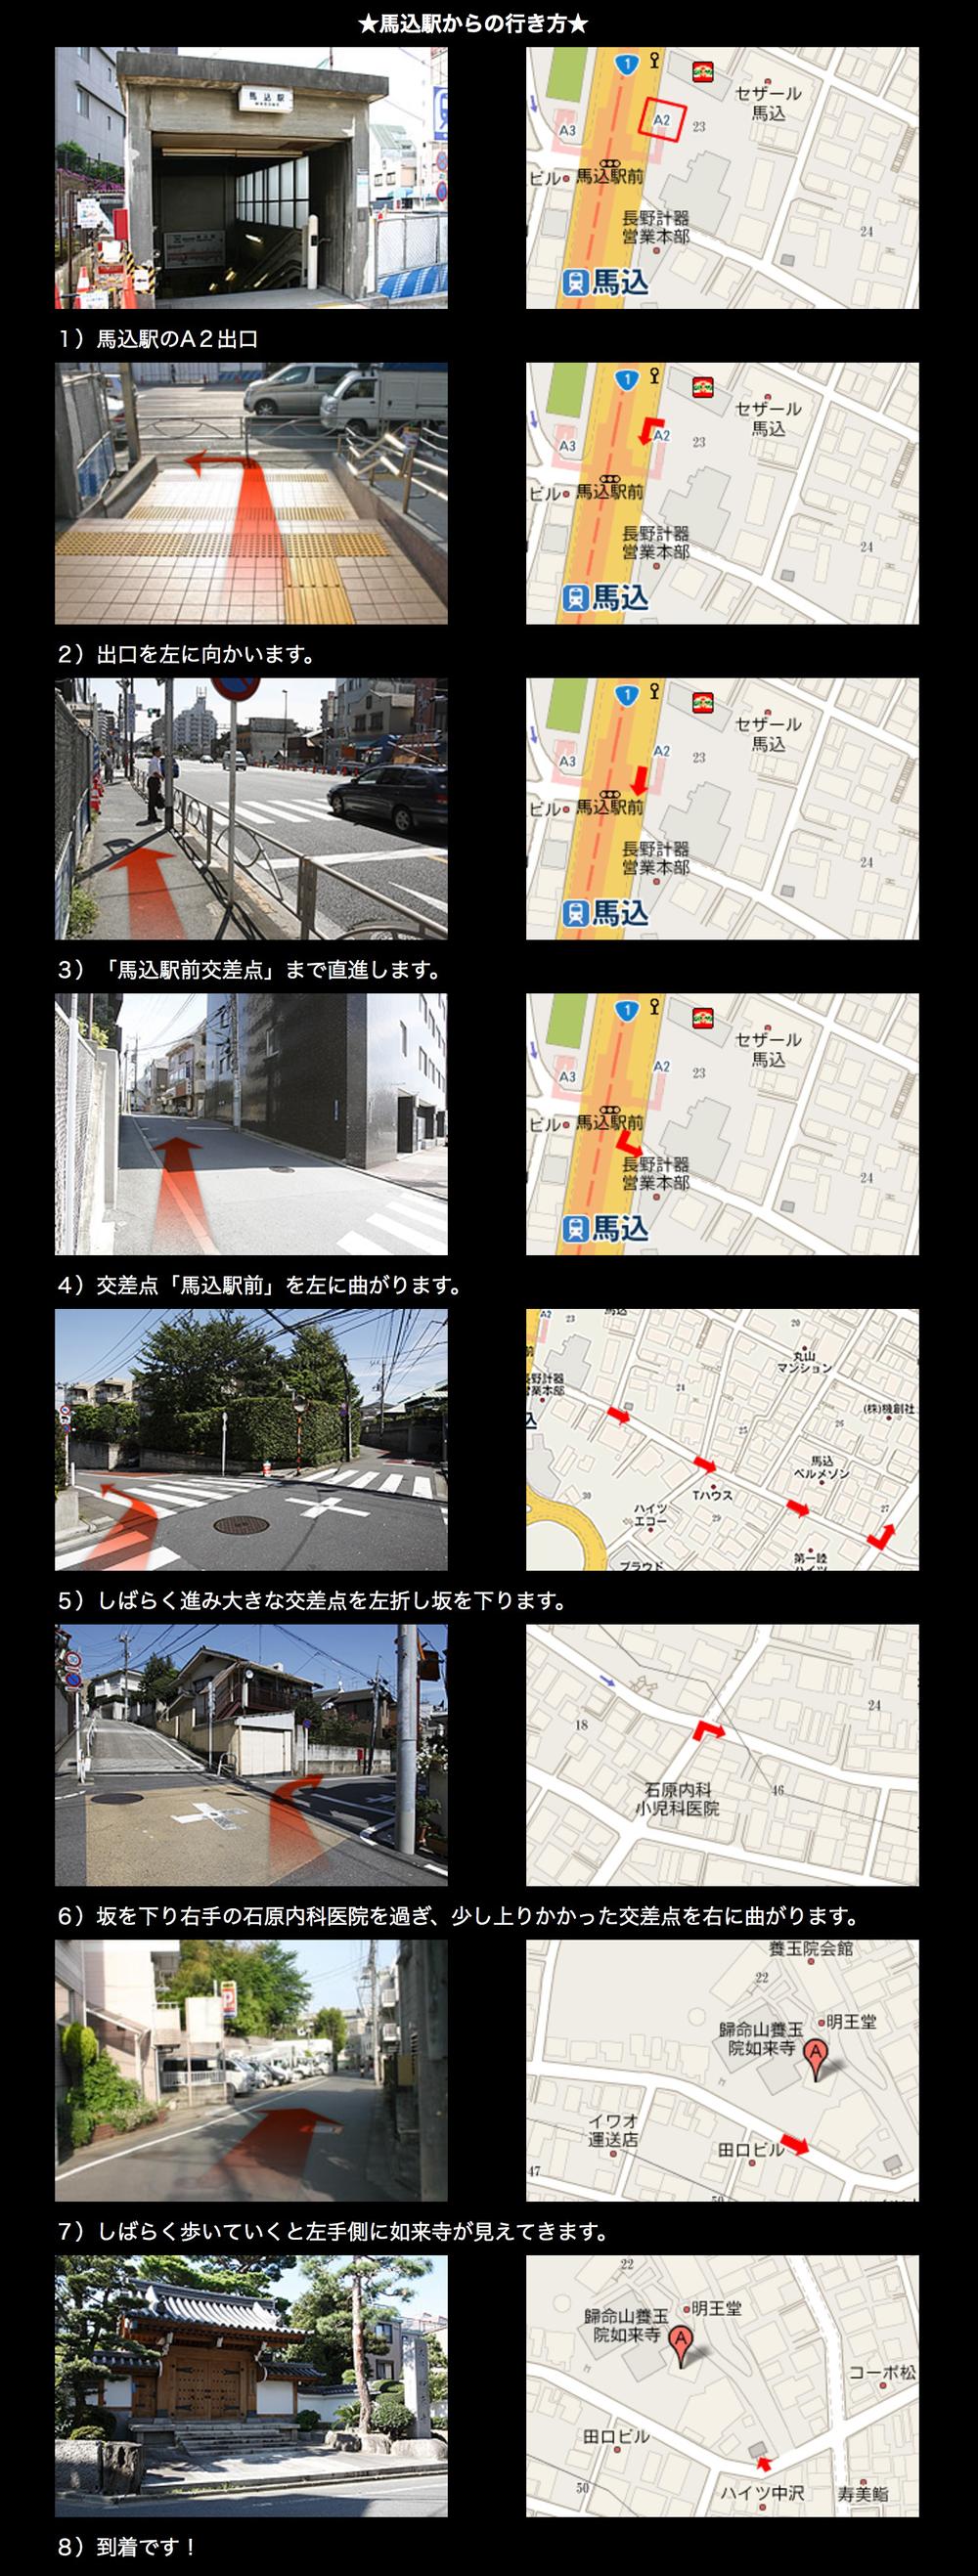 馬込駅から養玉院如来寺までの道案内写真